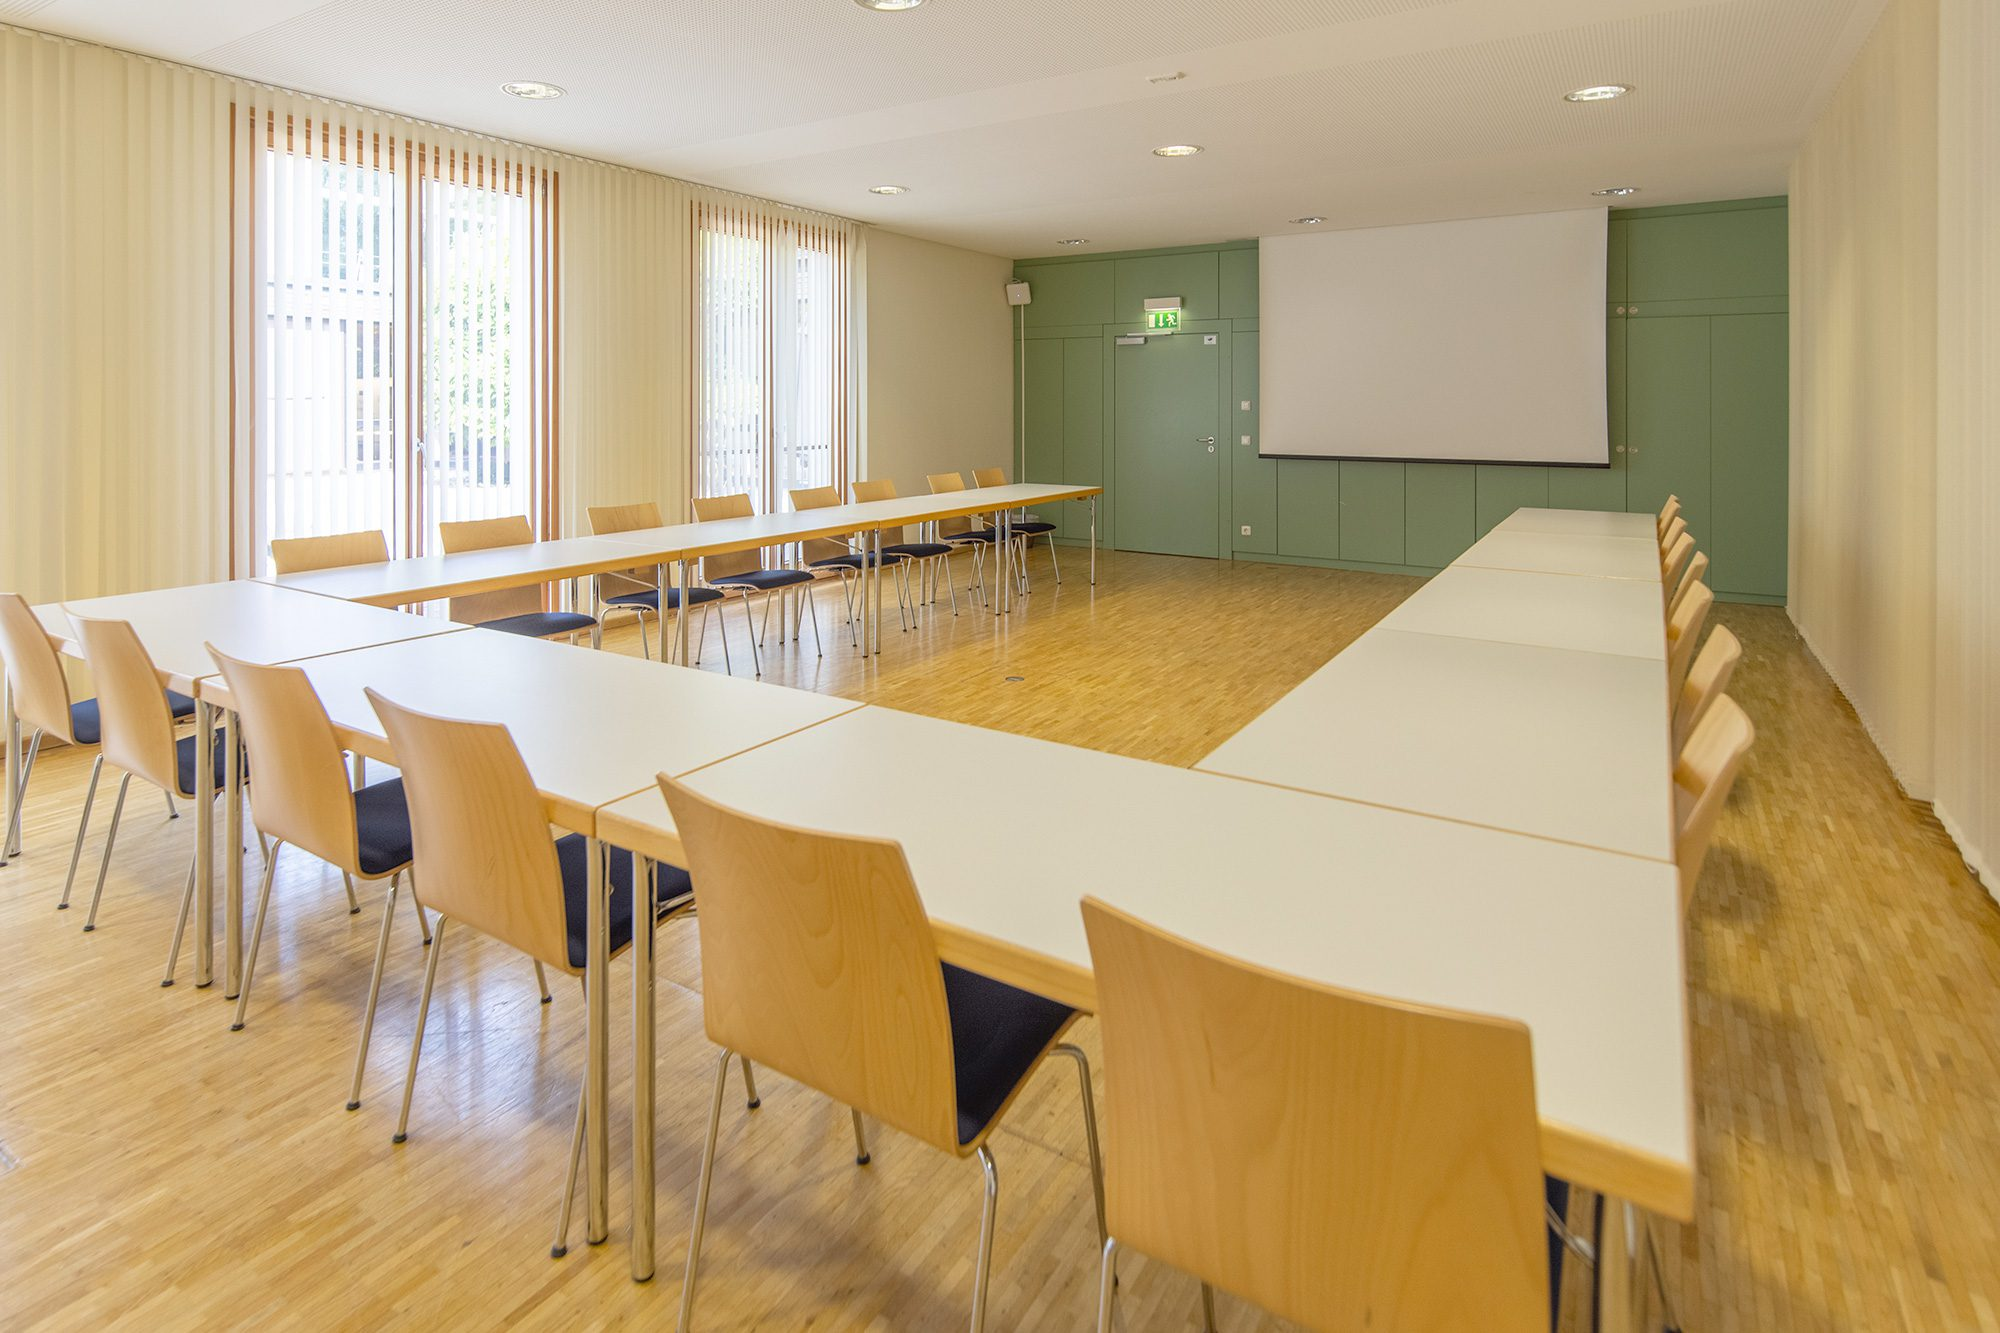 Ein Seminarraum mit Tischen und Sesseln und einer Leinwand